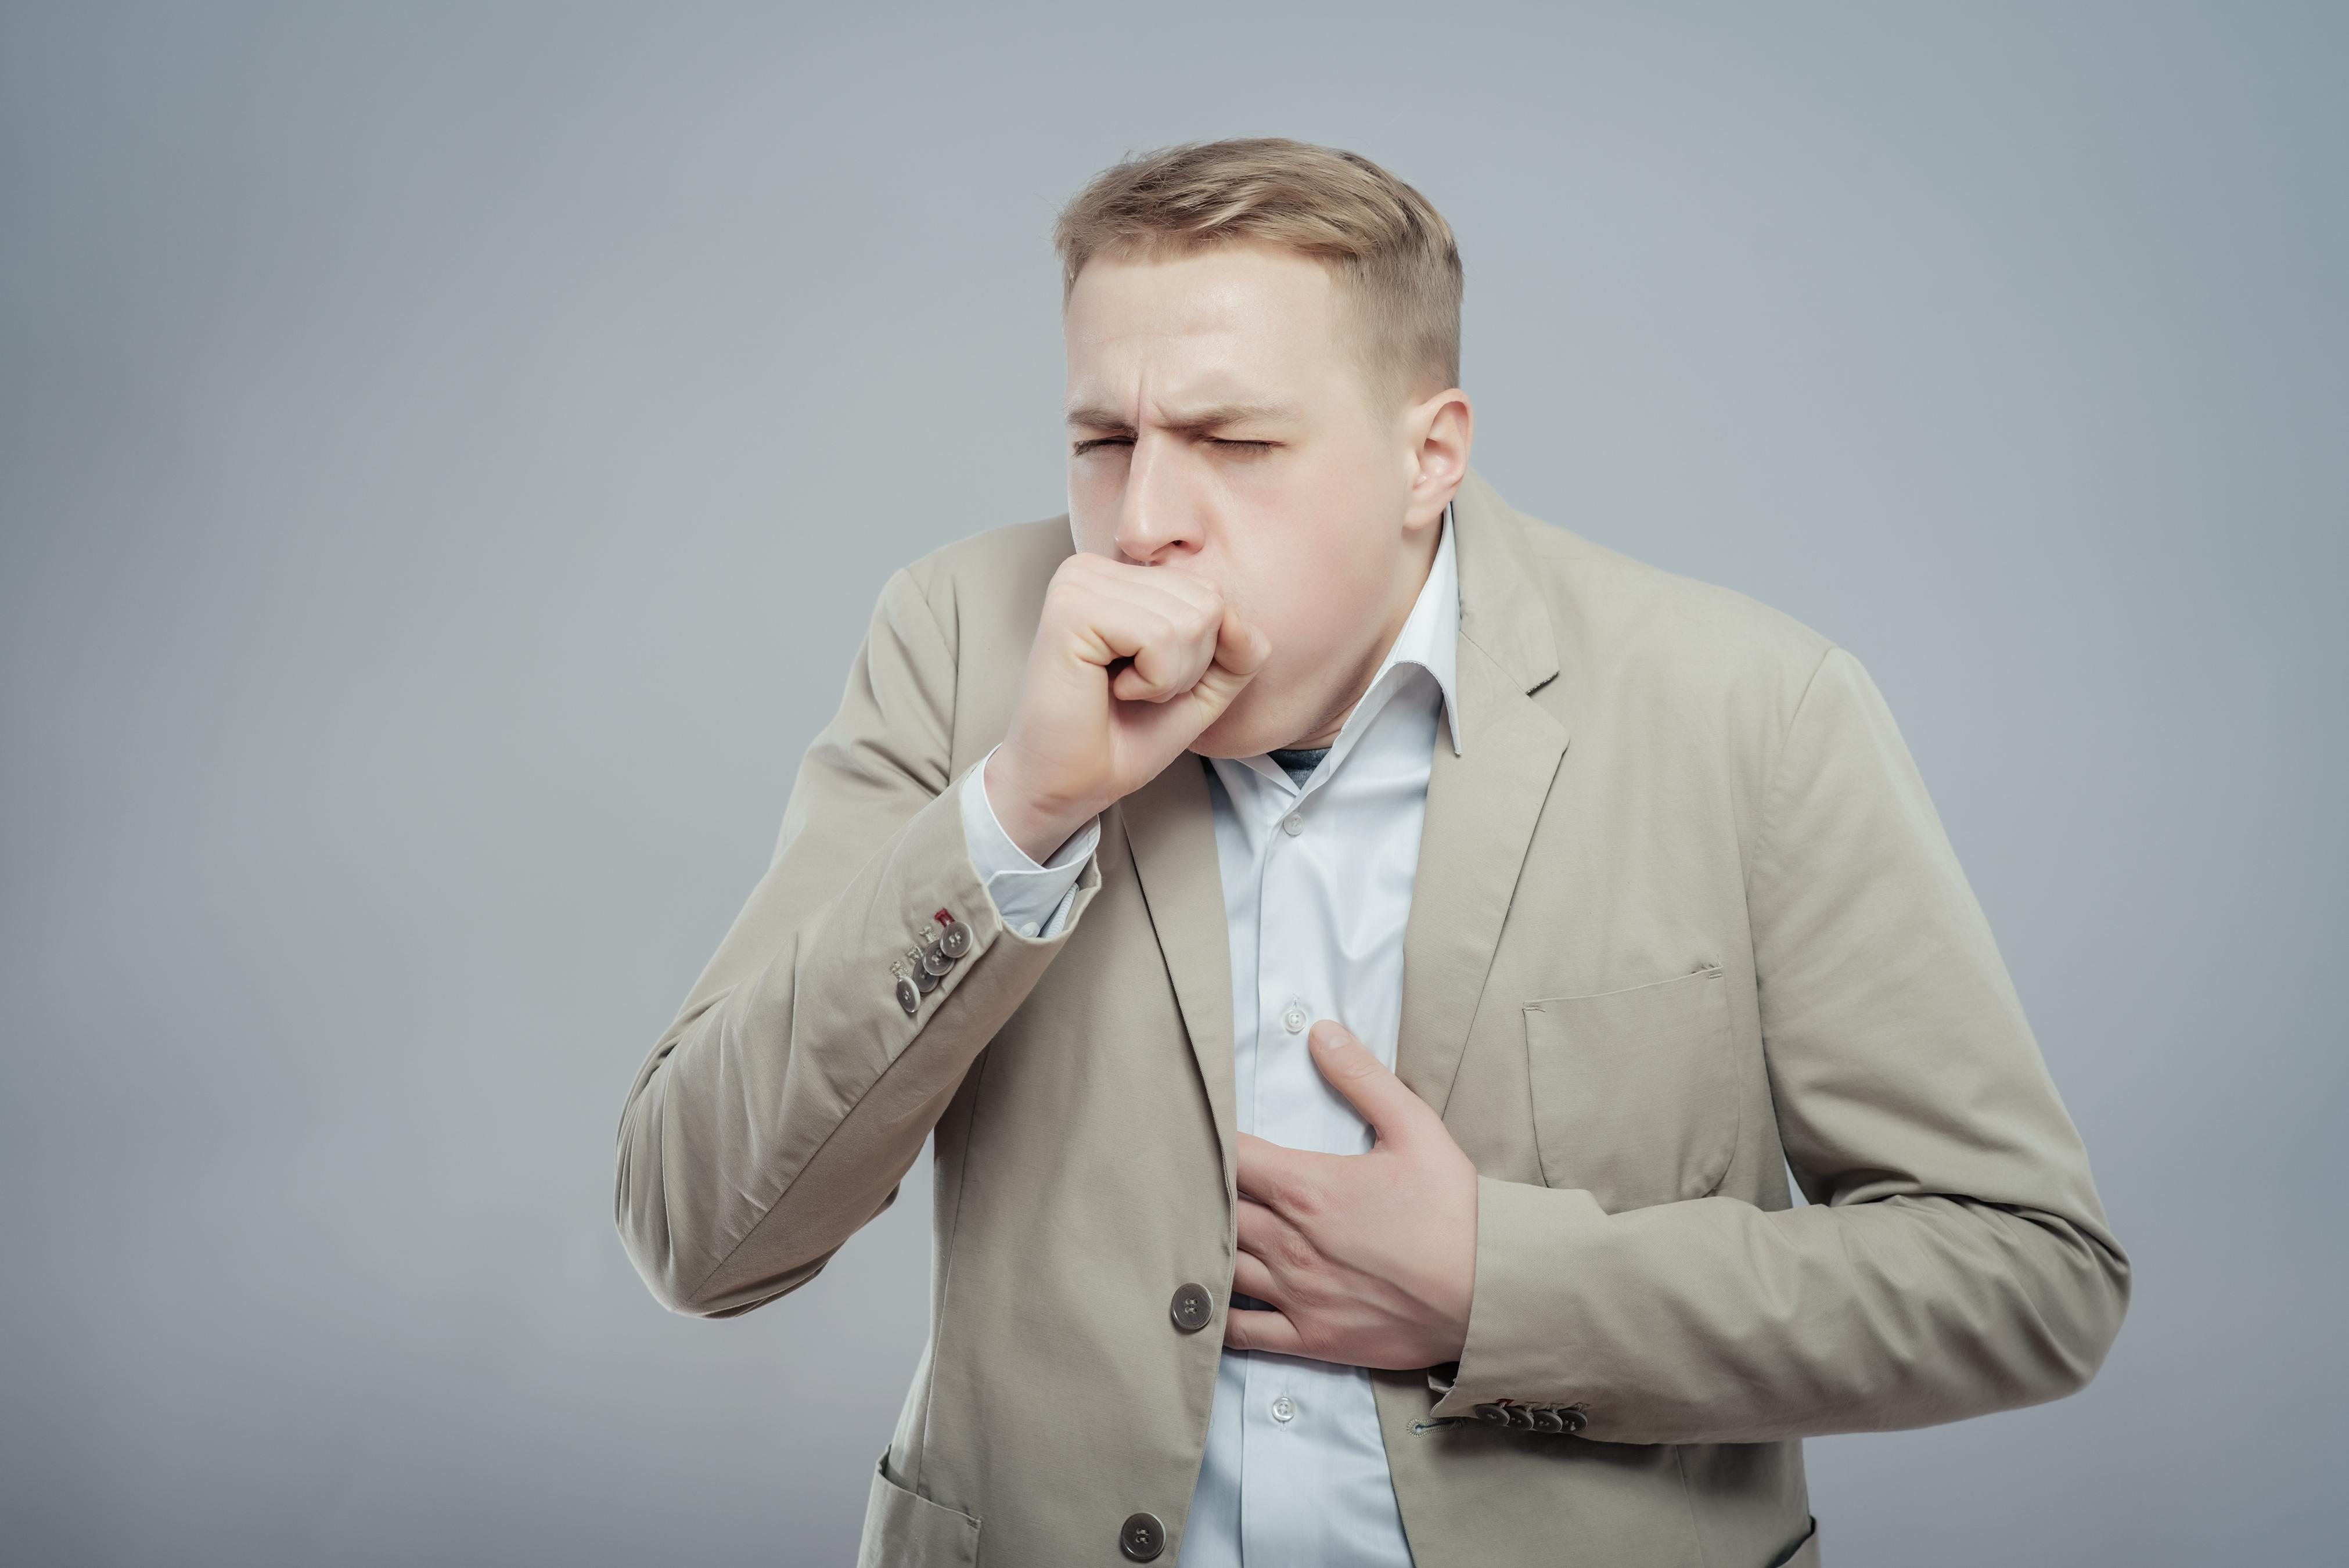 Ses kısılmanızın nedeni akciğer kanseri olabilir #1